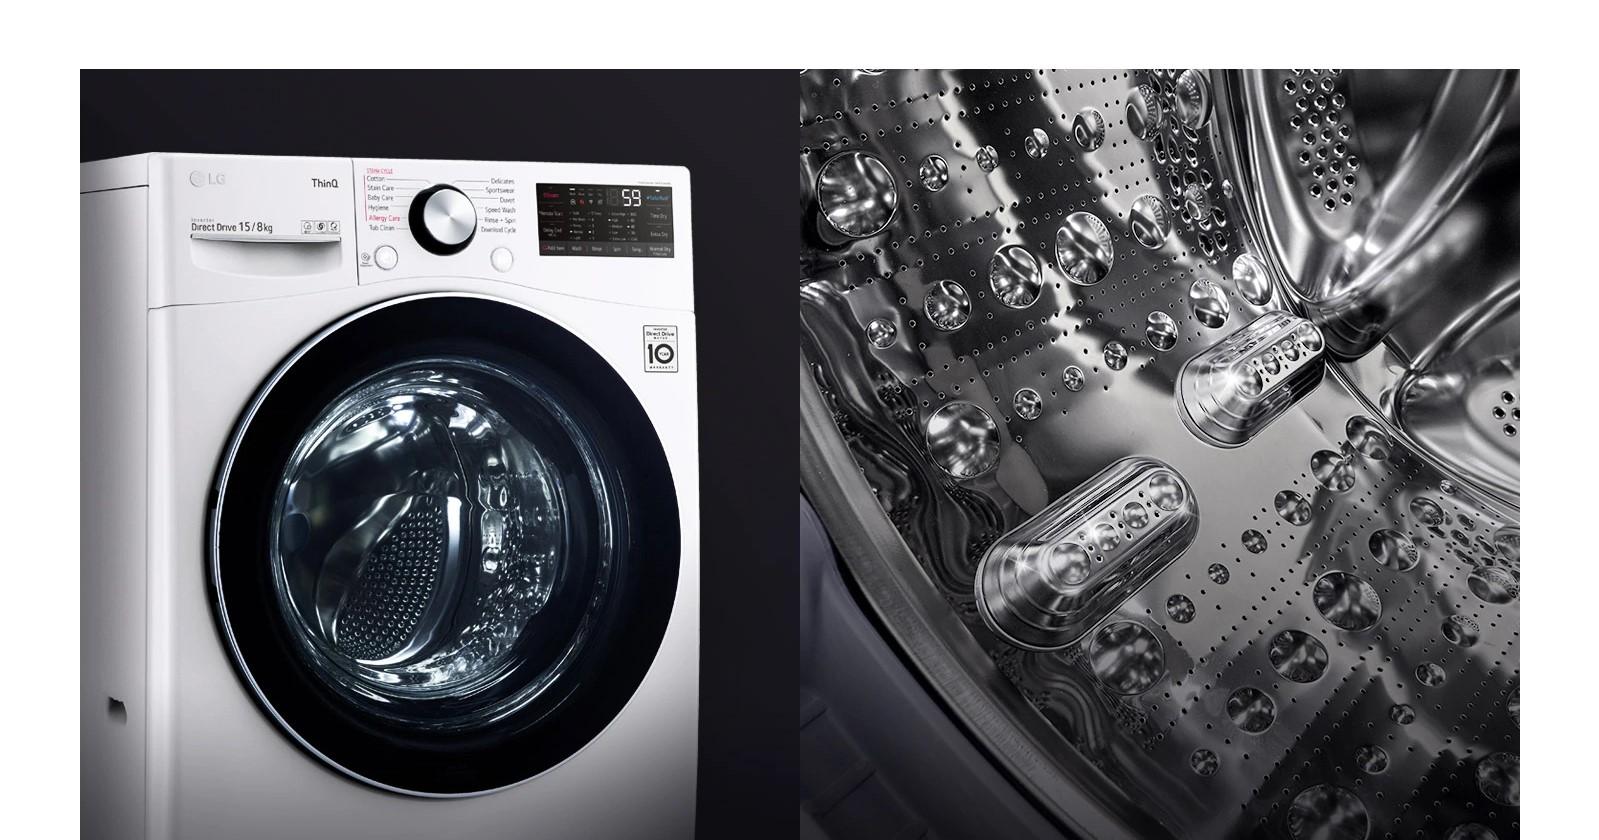 Siêu thị Điện máy Nội Thất Chợ LớnMáy Giặt LG Inverter 15Kg F2515STGW